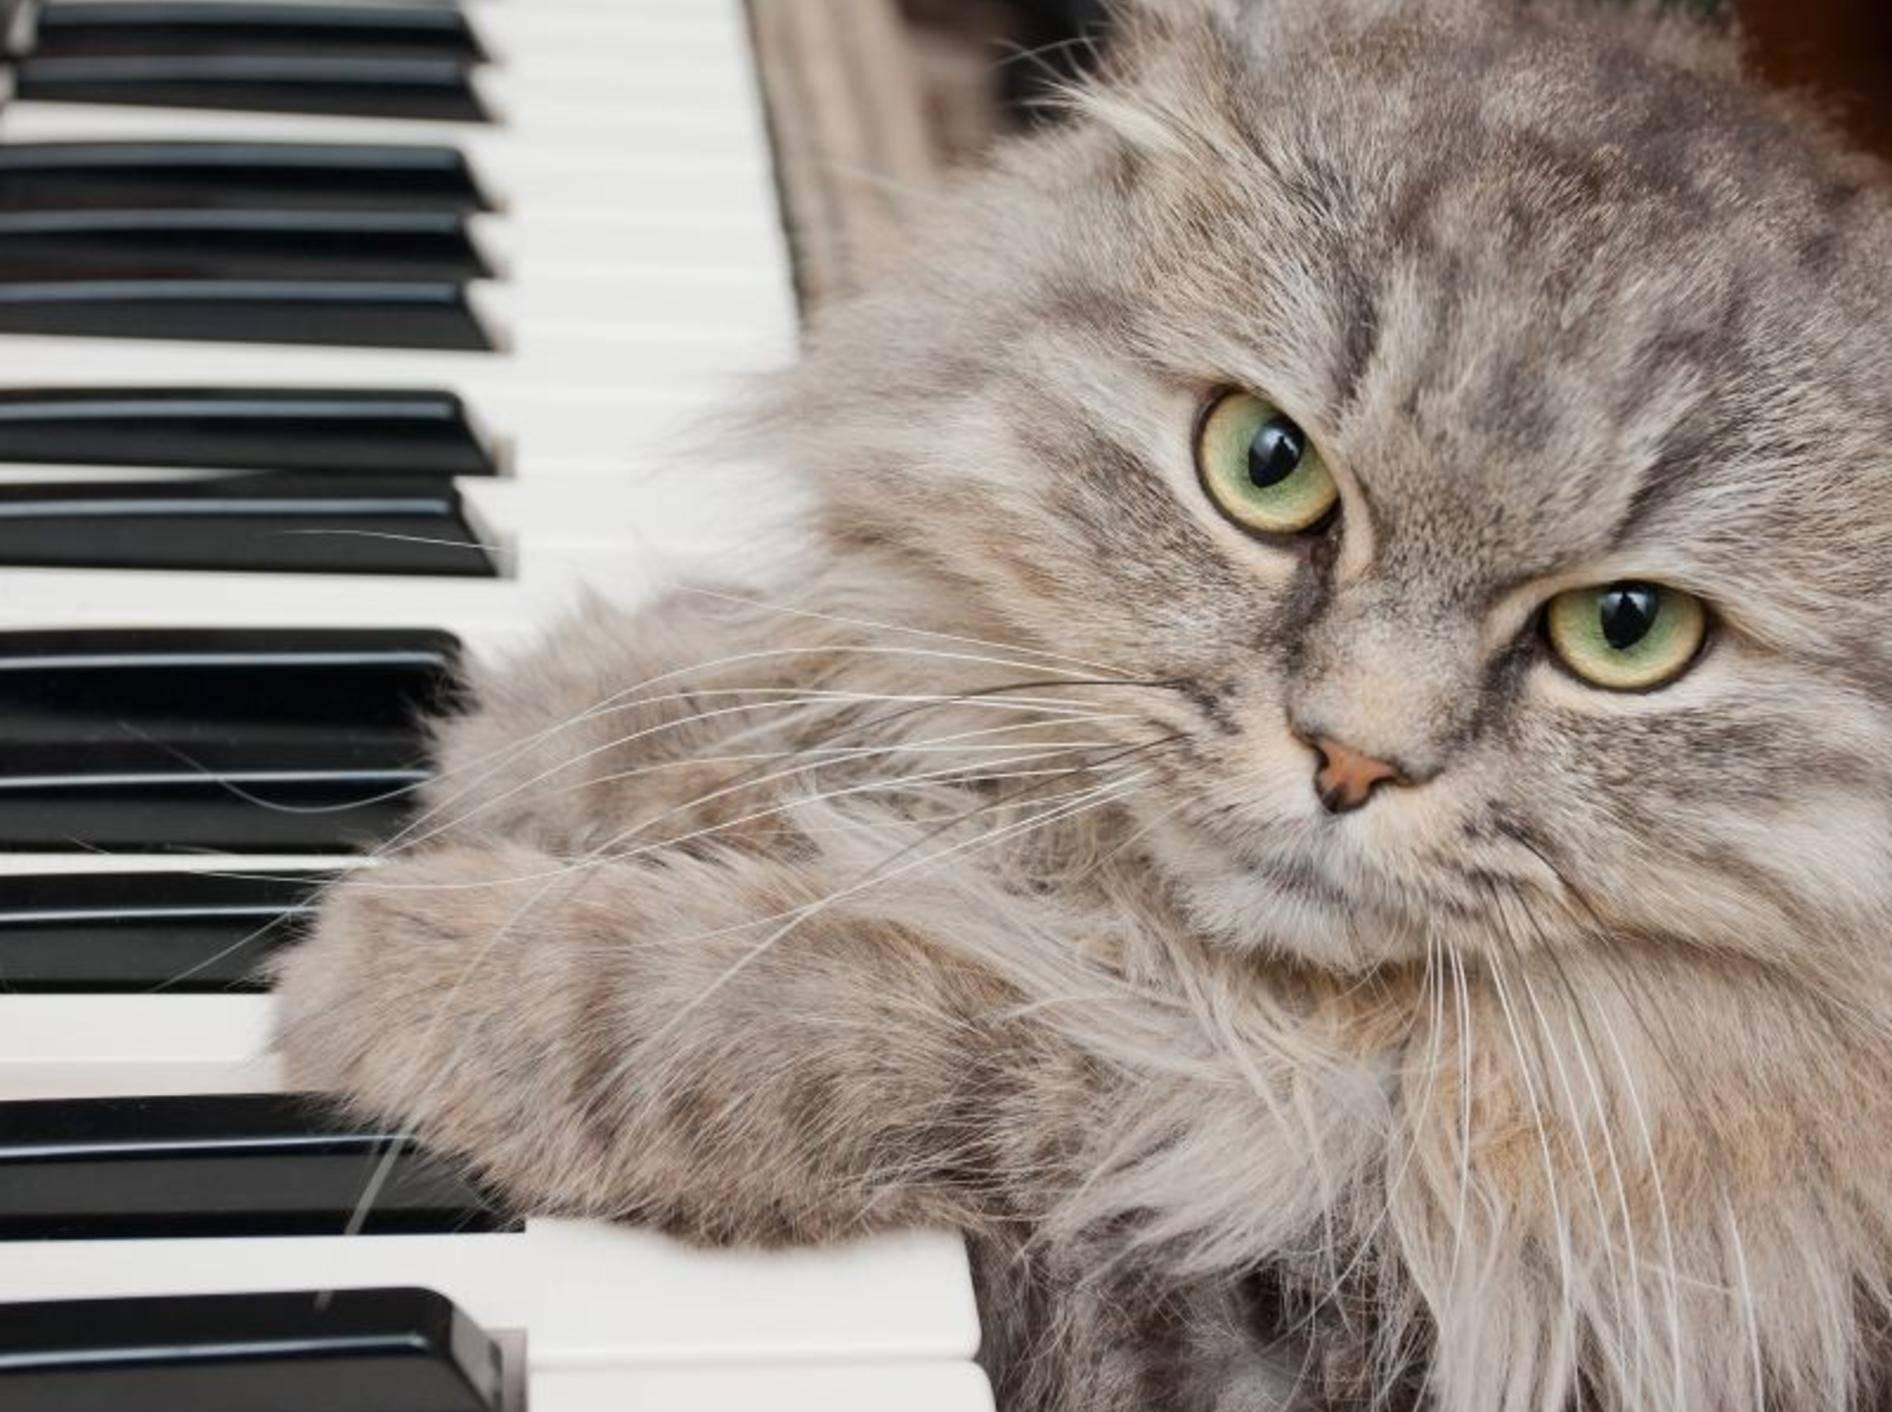 """""""Seid mal ehrlich, spiel ich gut?"""" Flauschige Katze am Klavier — Bild: Shutterstock / Telekhovskyi"""